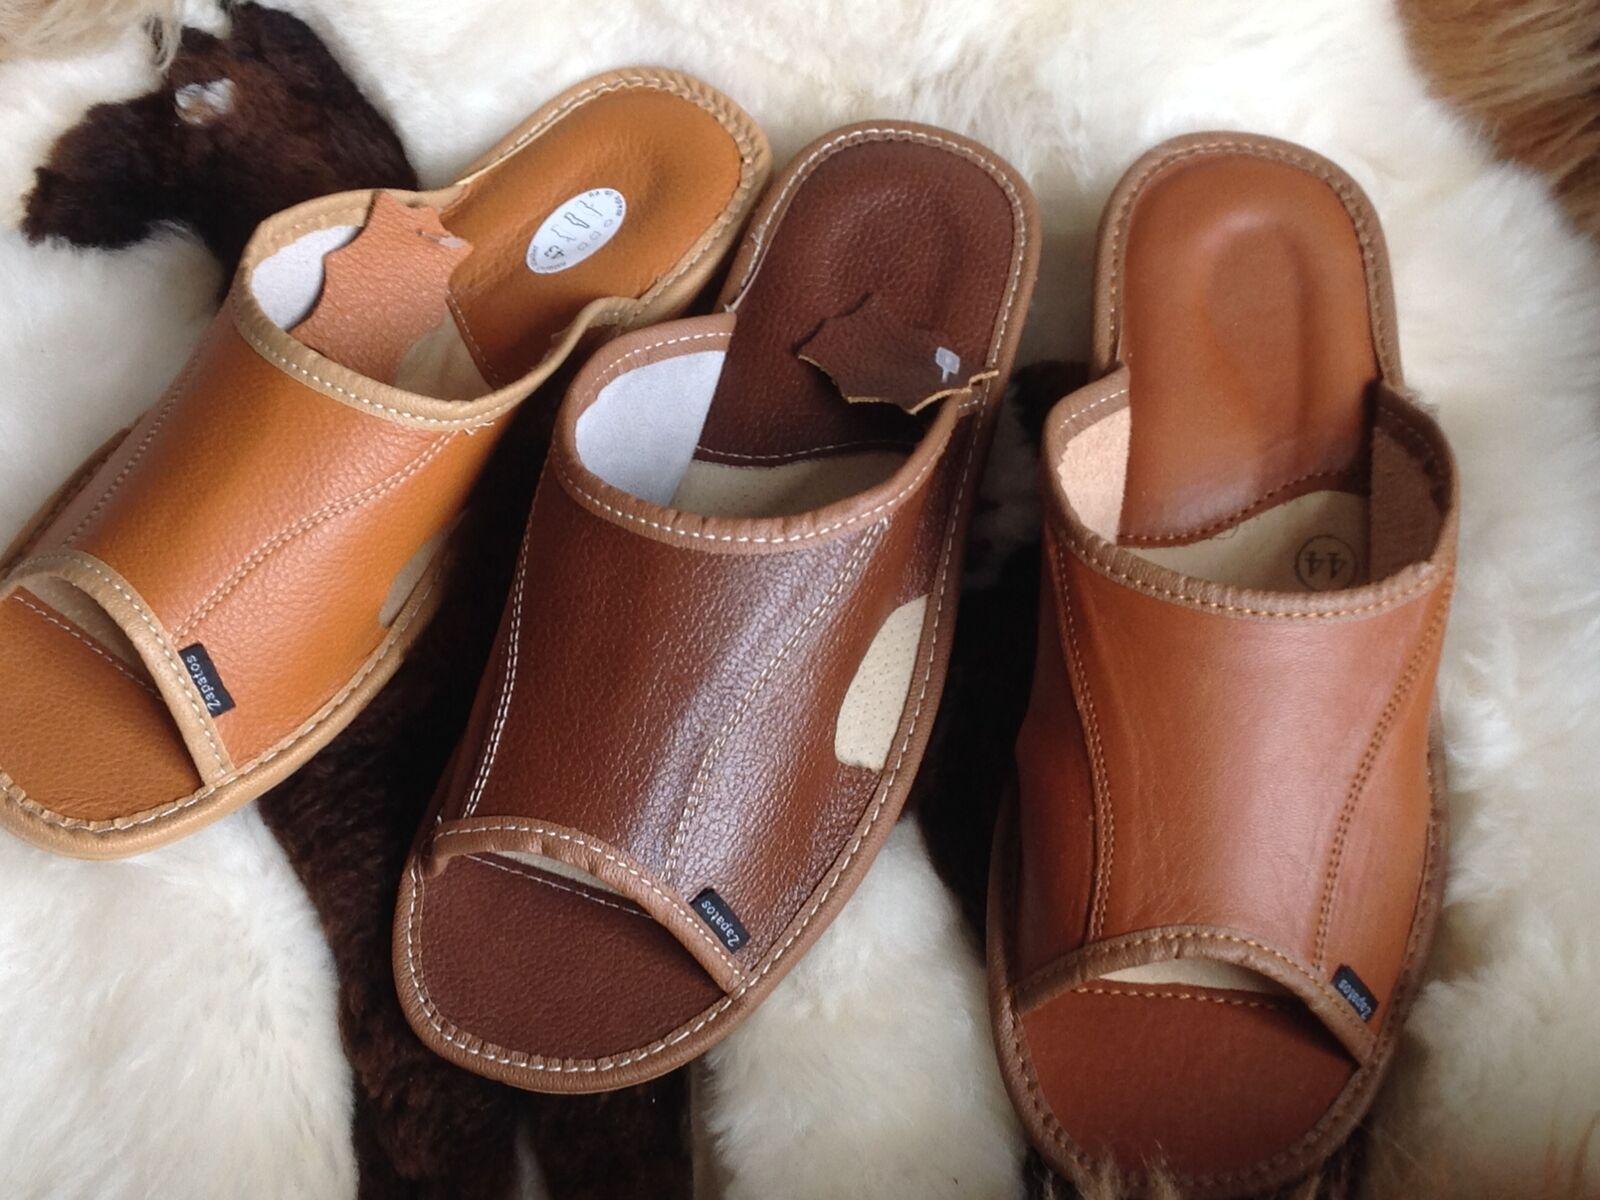 Hombre Chanclas Zuecos Cuero Mulle Sandalias Pantuflas Zuecos Chanclas Zapato Números 40 A 44 11 888e2f